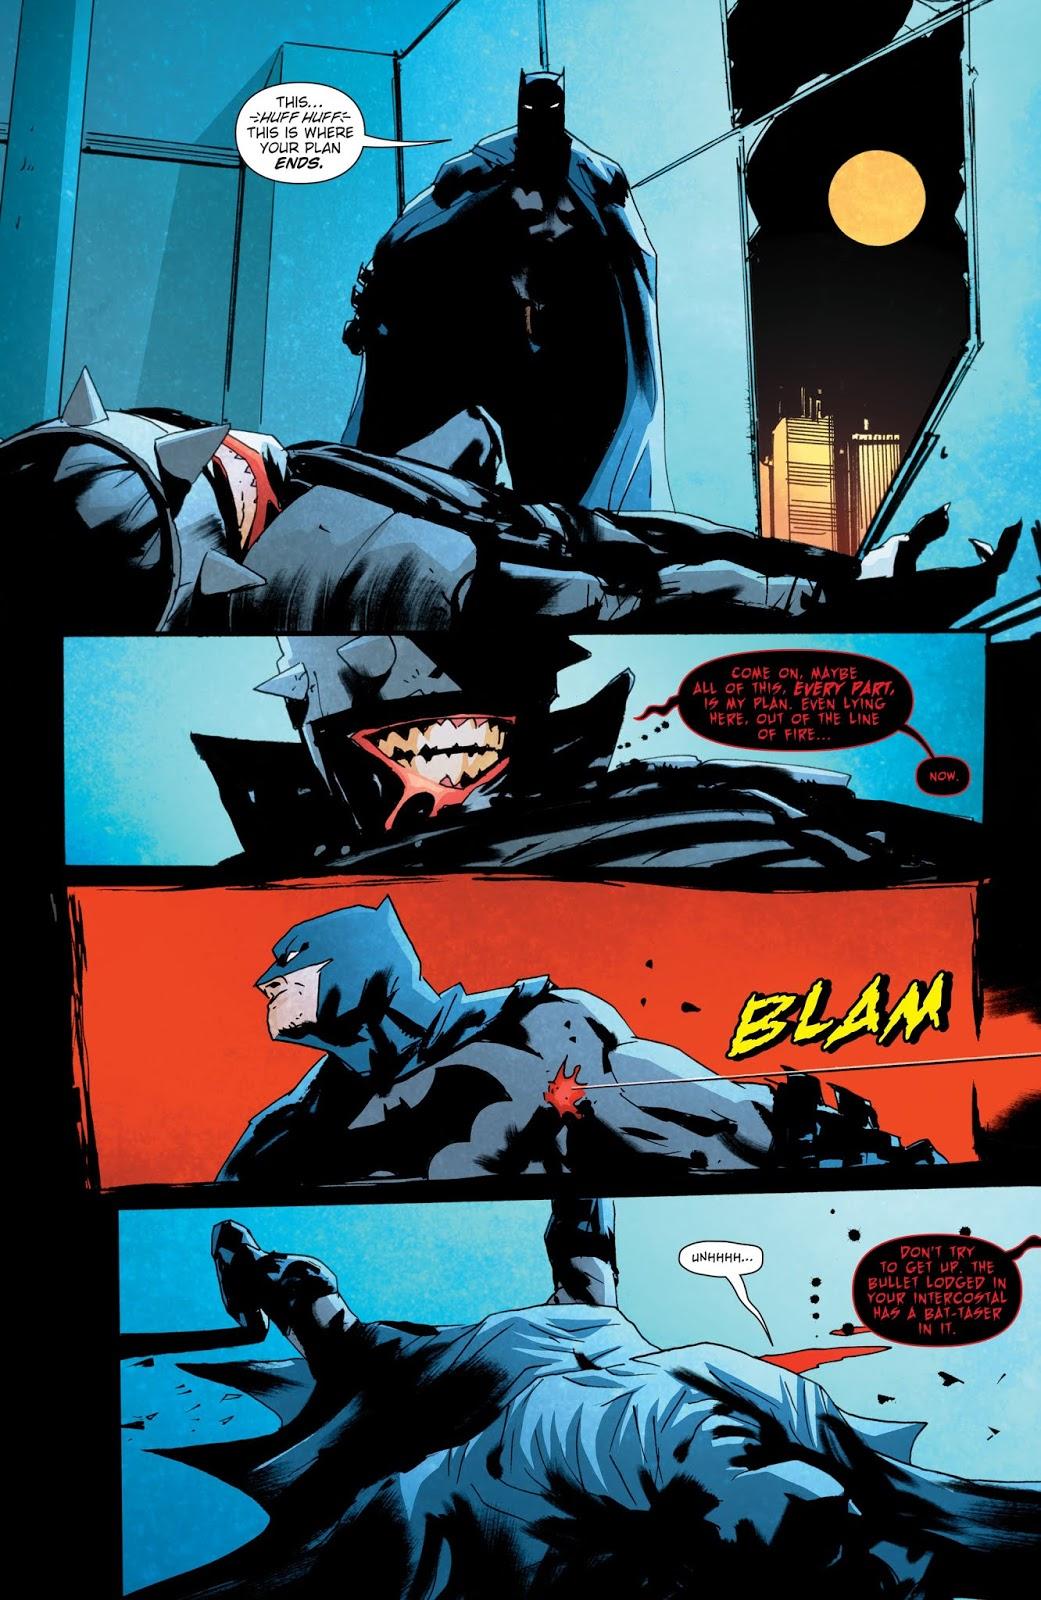 Batman Develops Bam Pow Fighting Technique